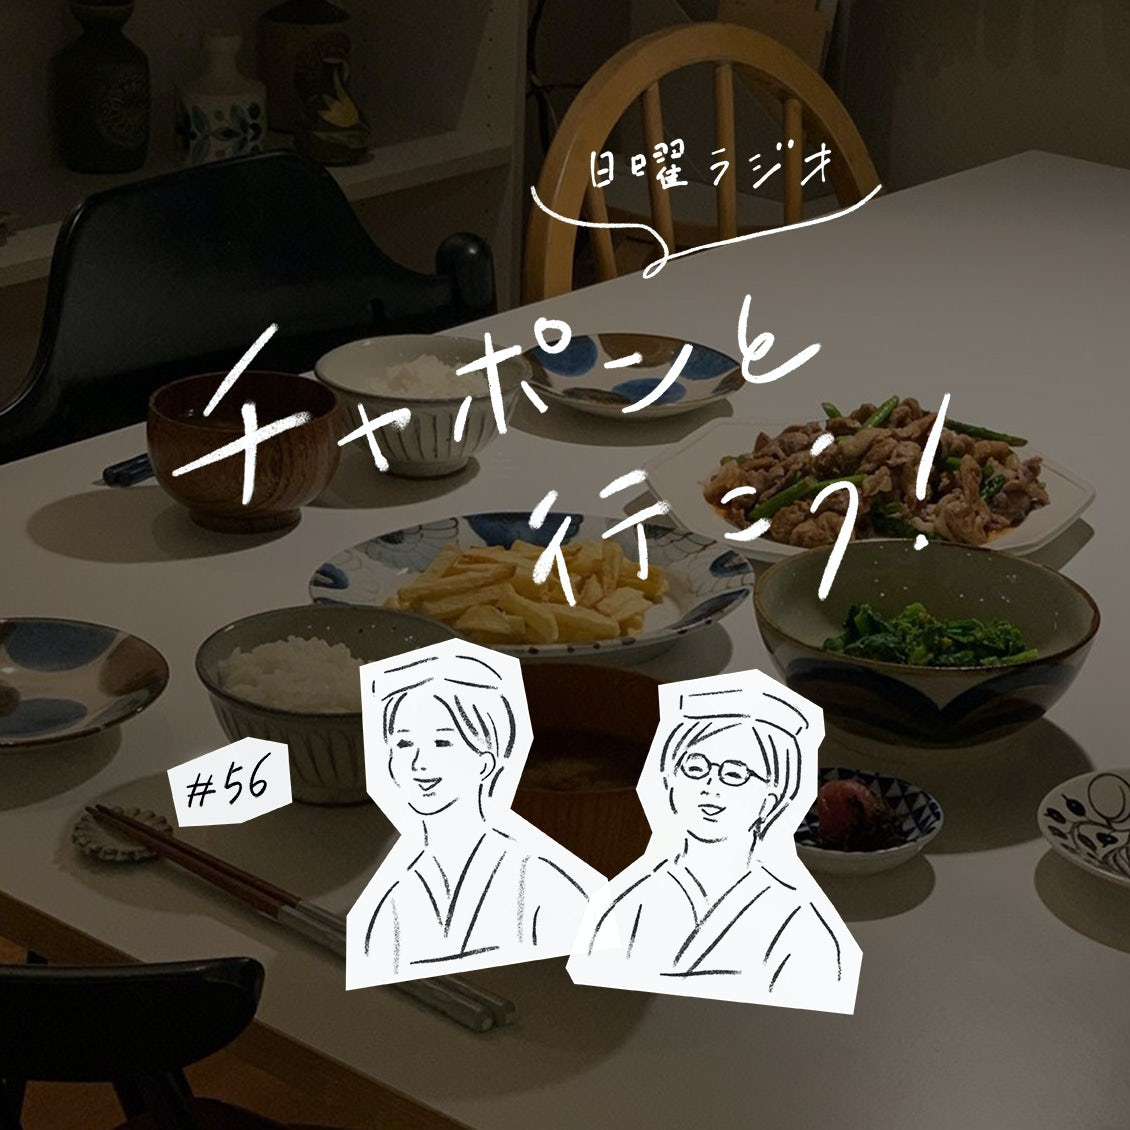 【日曜ラジオ|チャポンと行こう!】第56夜:これがあれば大丈夫!我が家の「リピ買い食材」は?